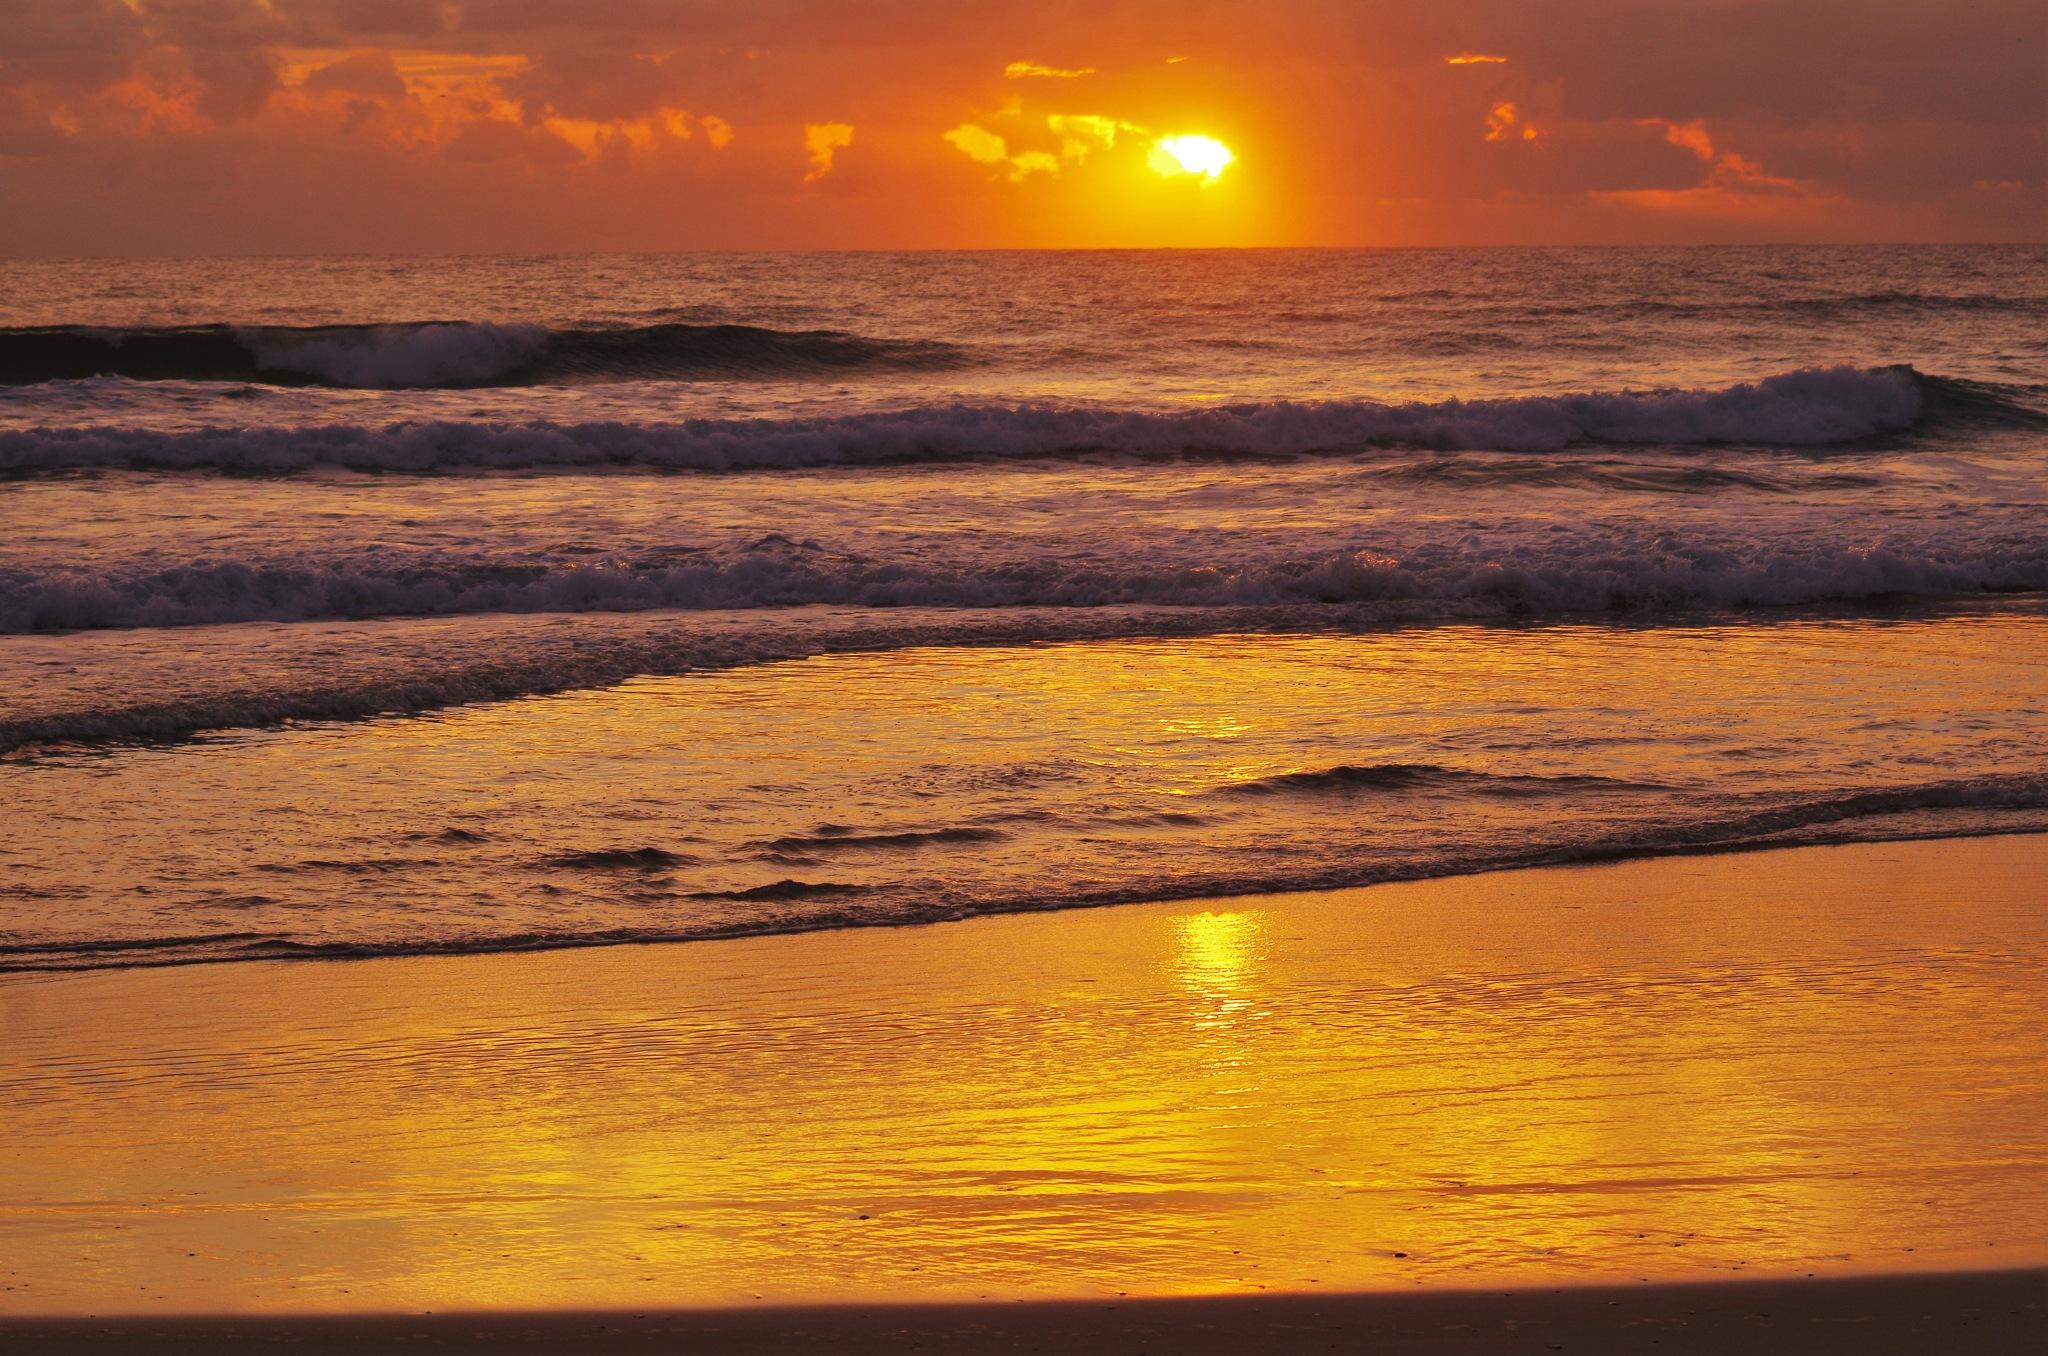 sun rise by koala55